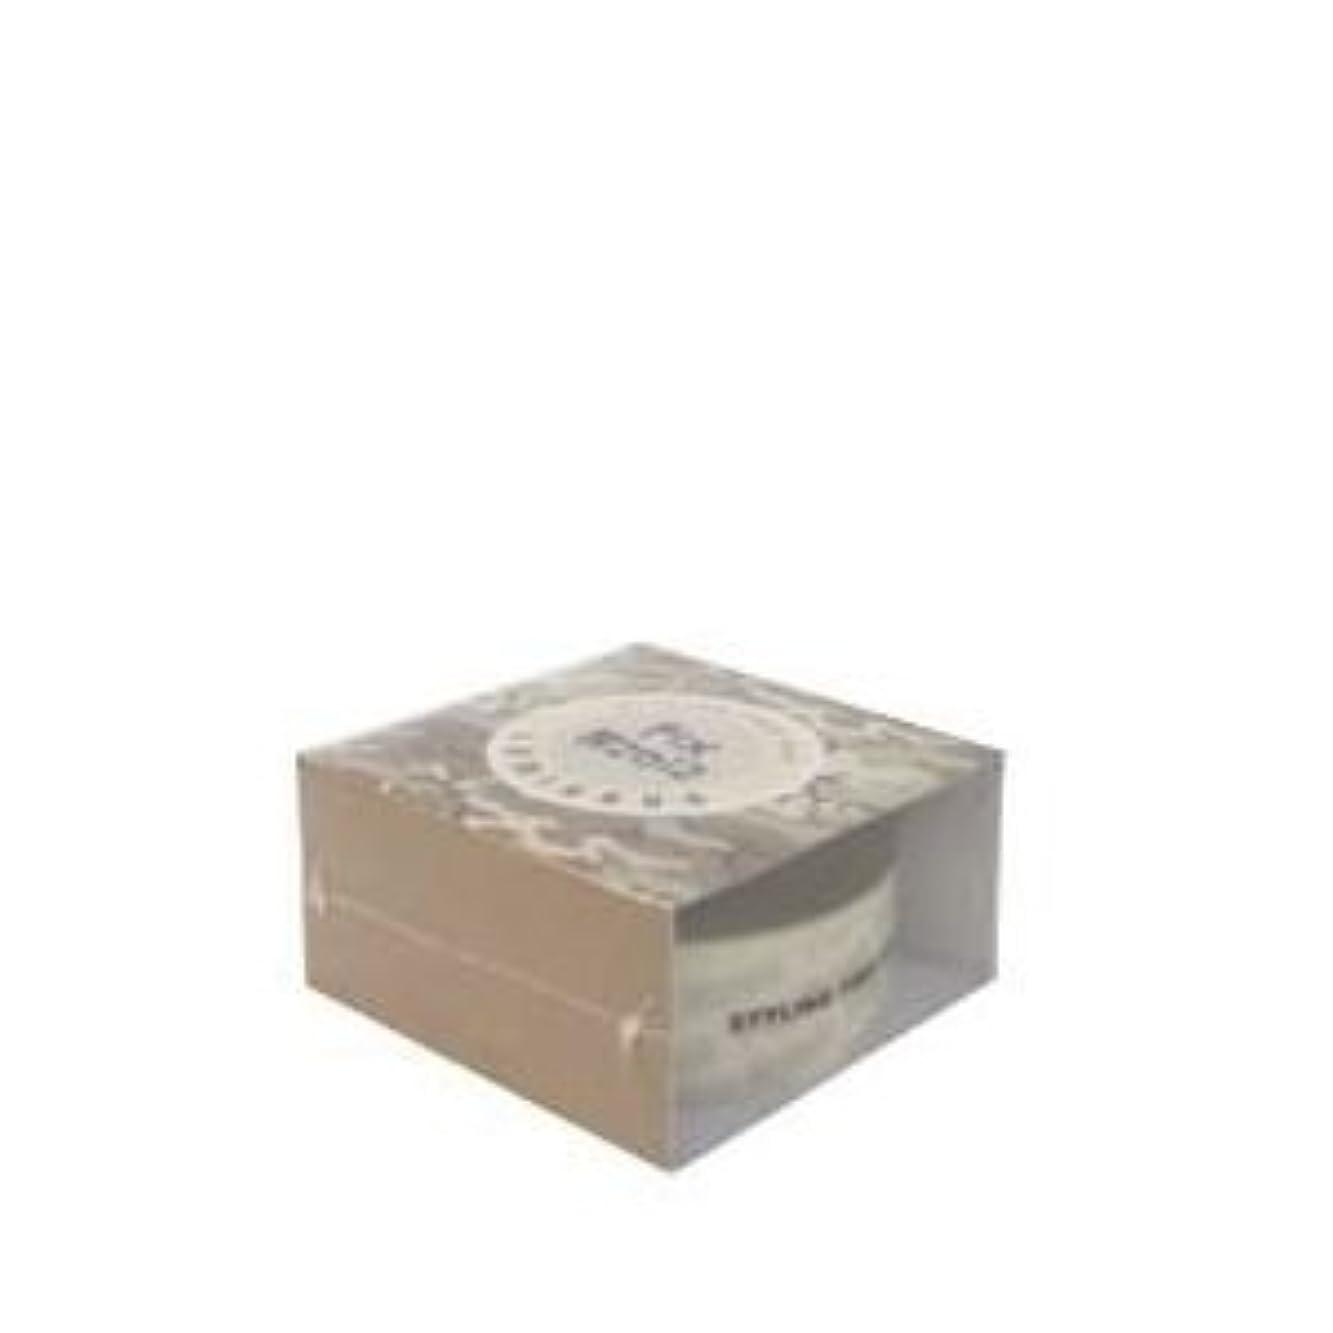 燃料一見基礎イリヤコスメティクス フィクスマニア ルミナス50g(スタイリングワックス)